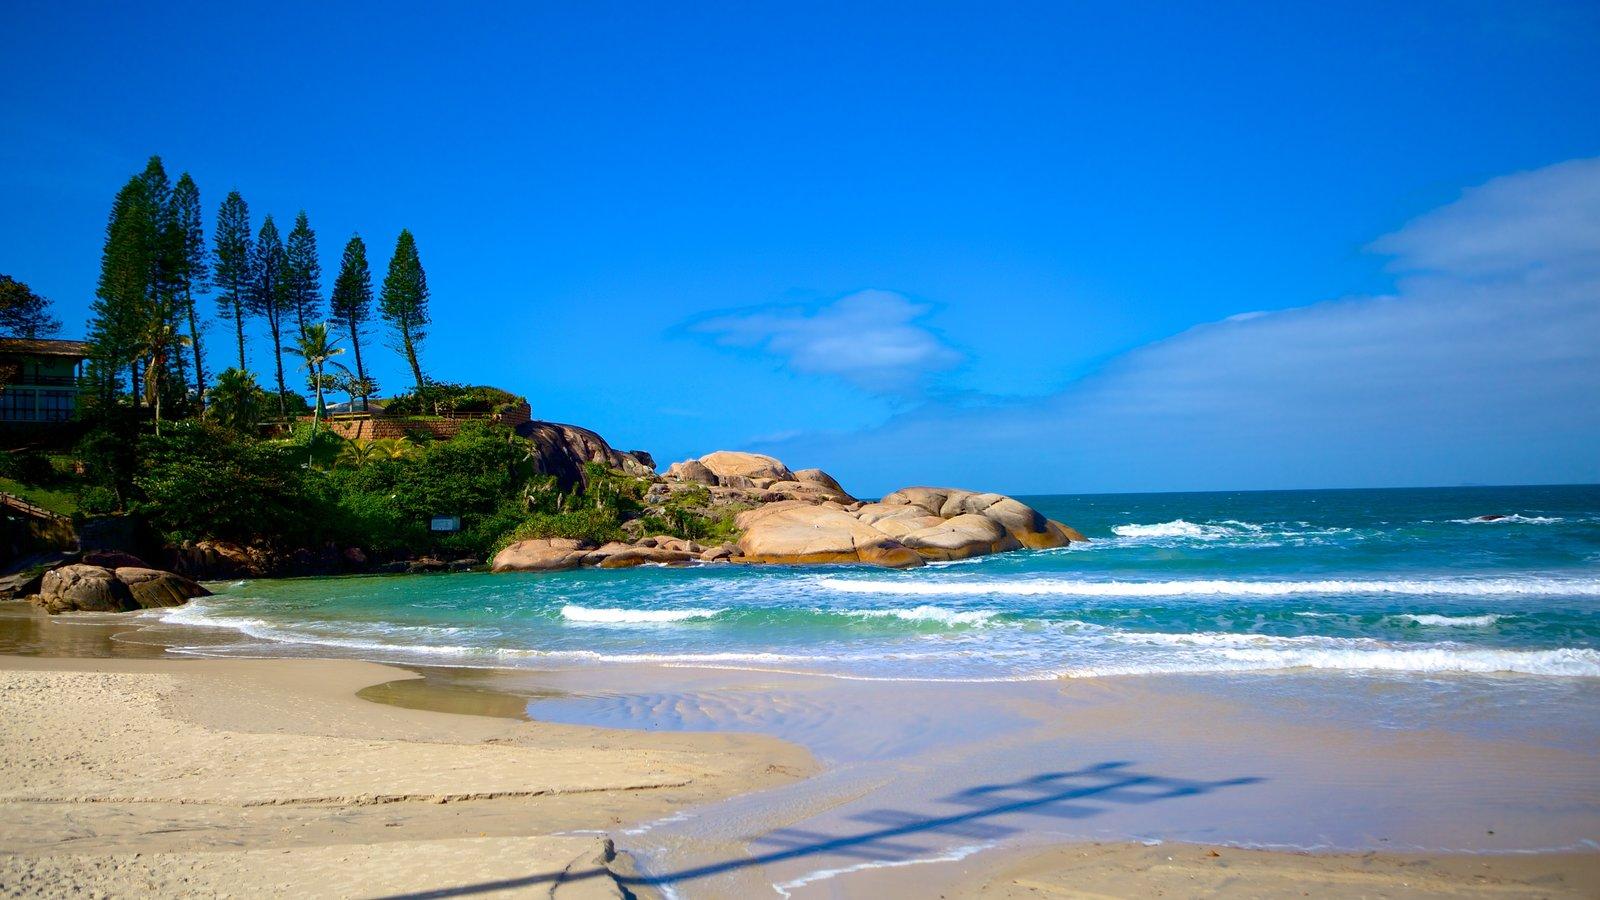 Praia da Joaquina mostrando uma praia